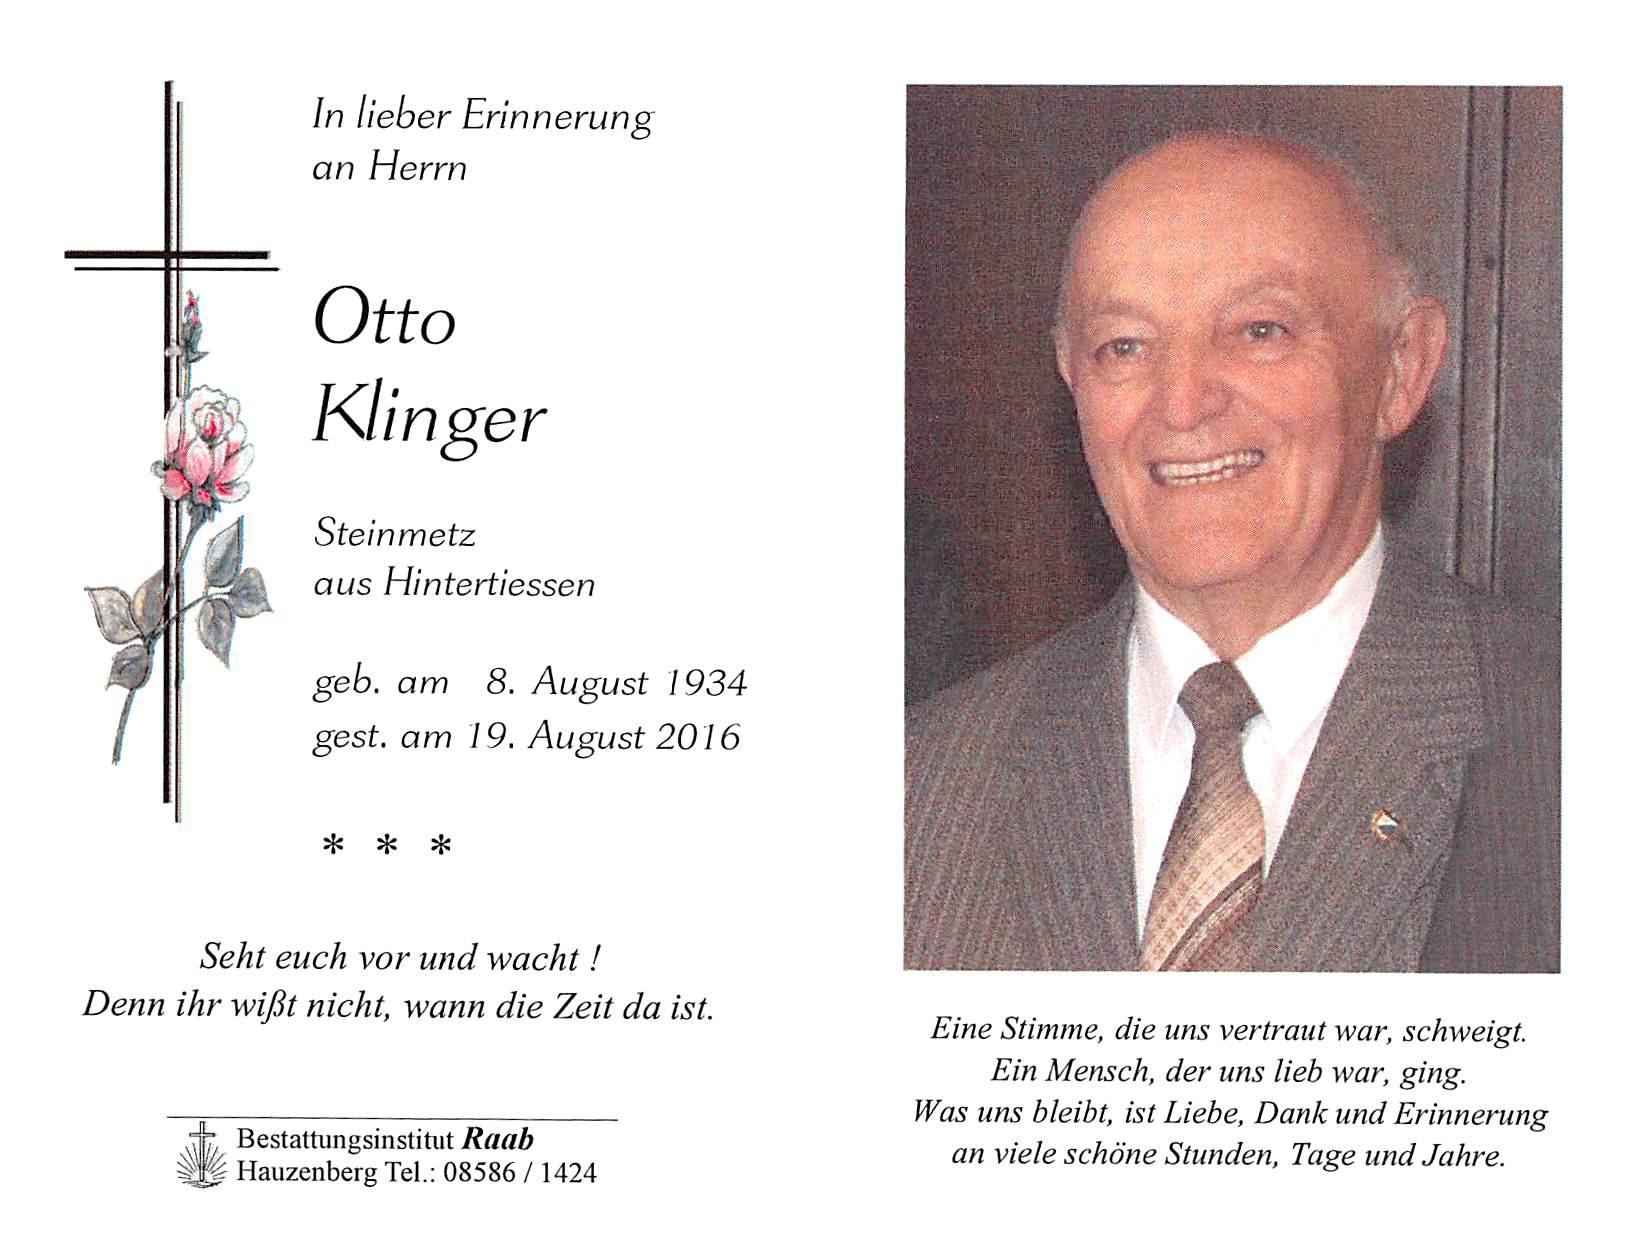 2016-08-19-Klinger-Otto-Steinmetz